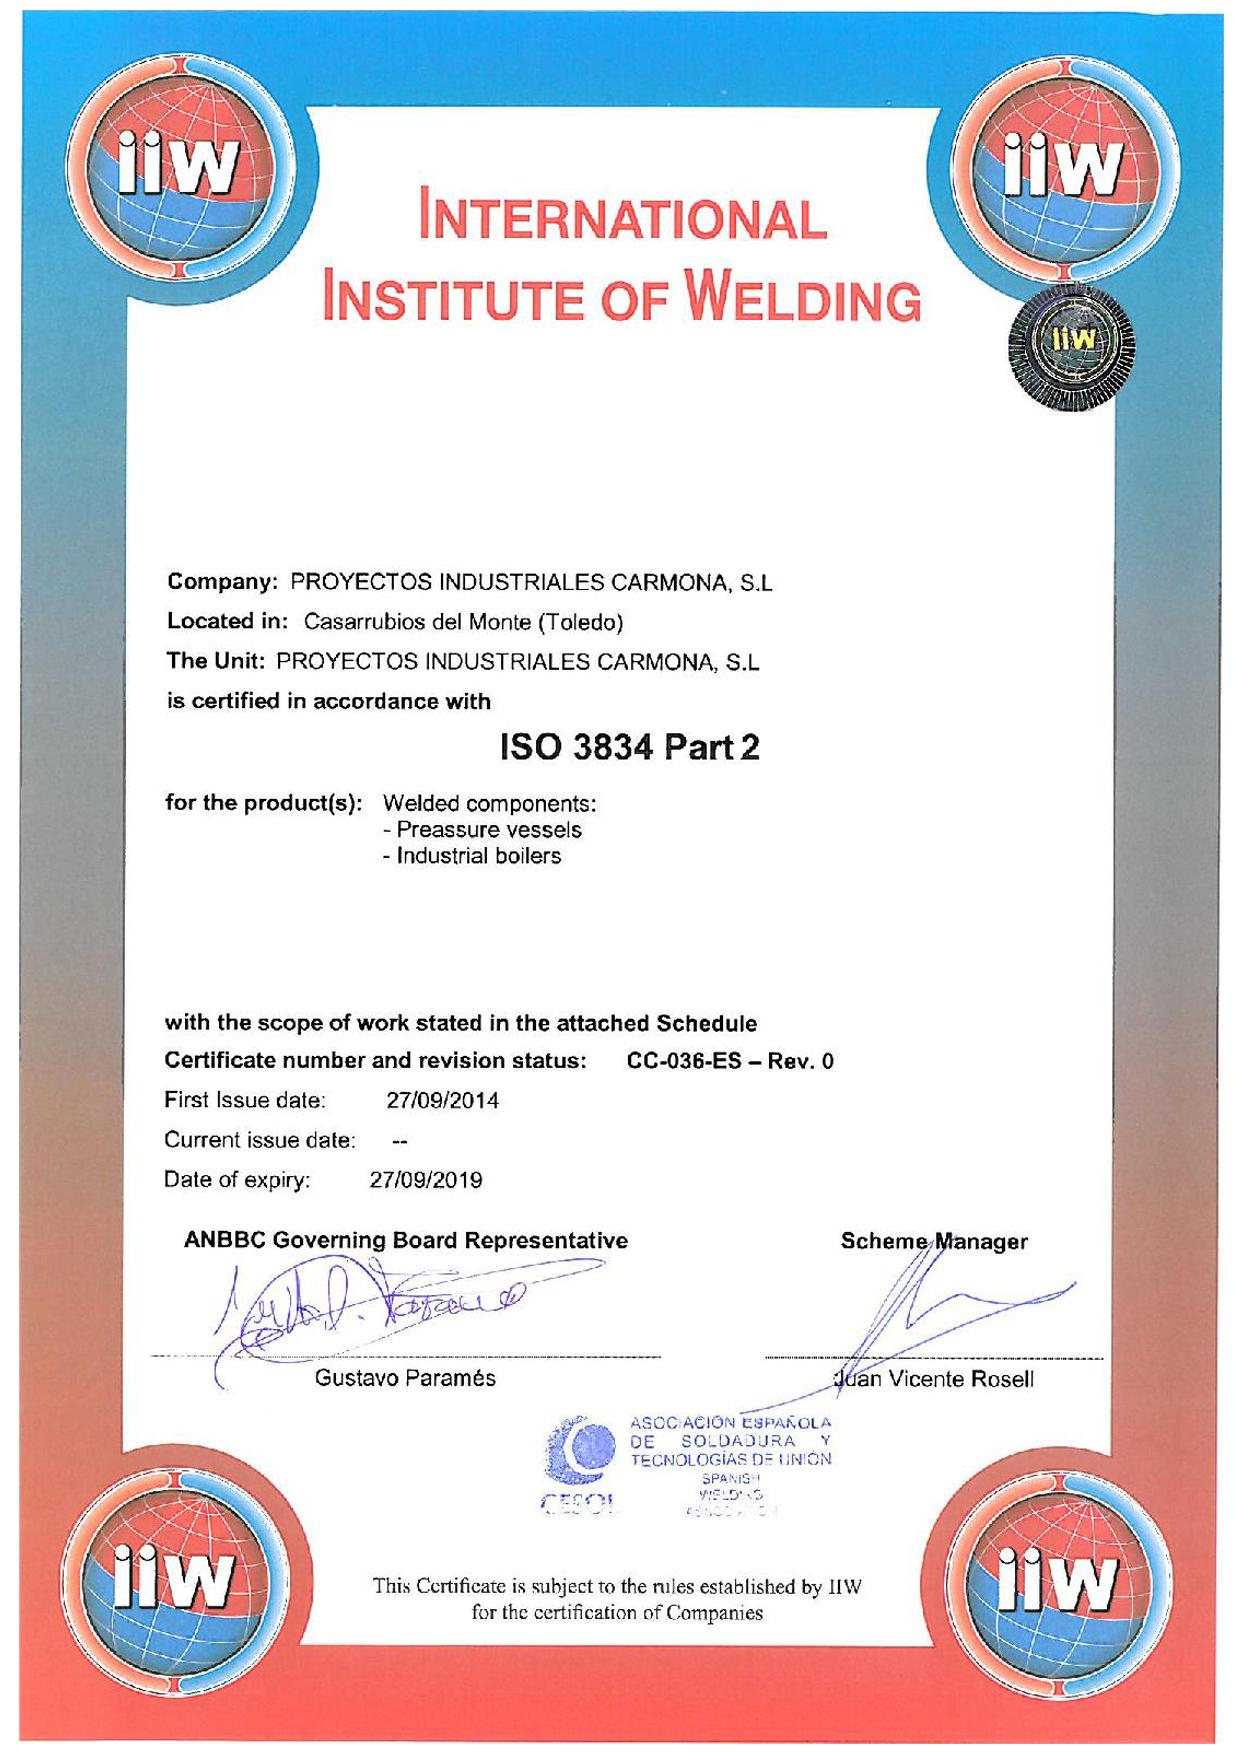 certificado-iiw